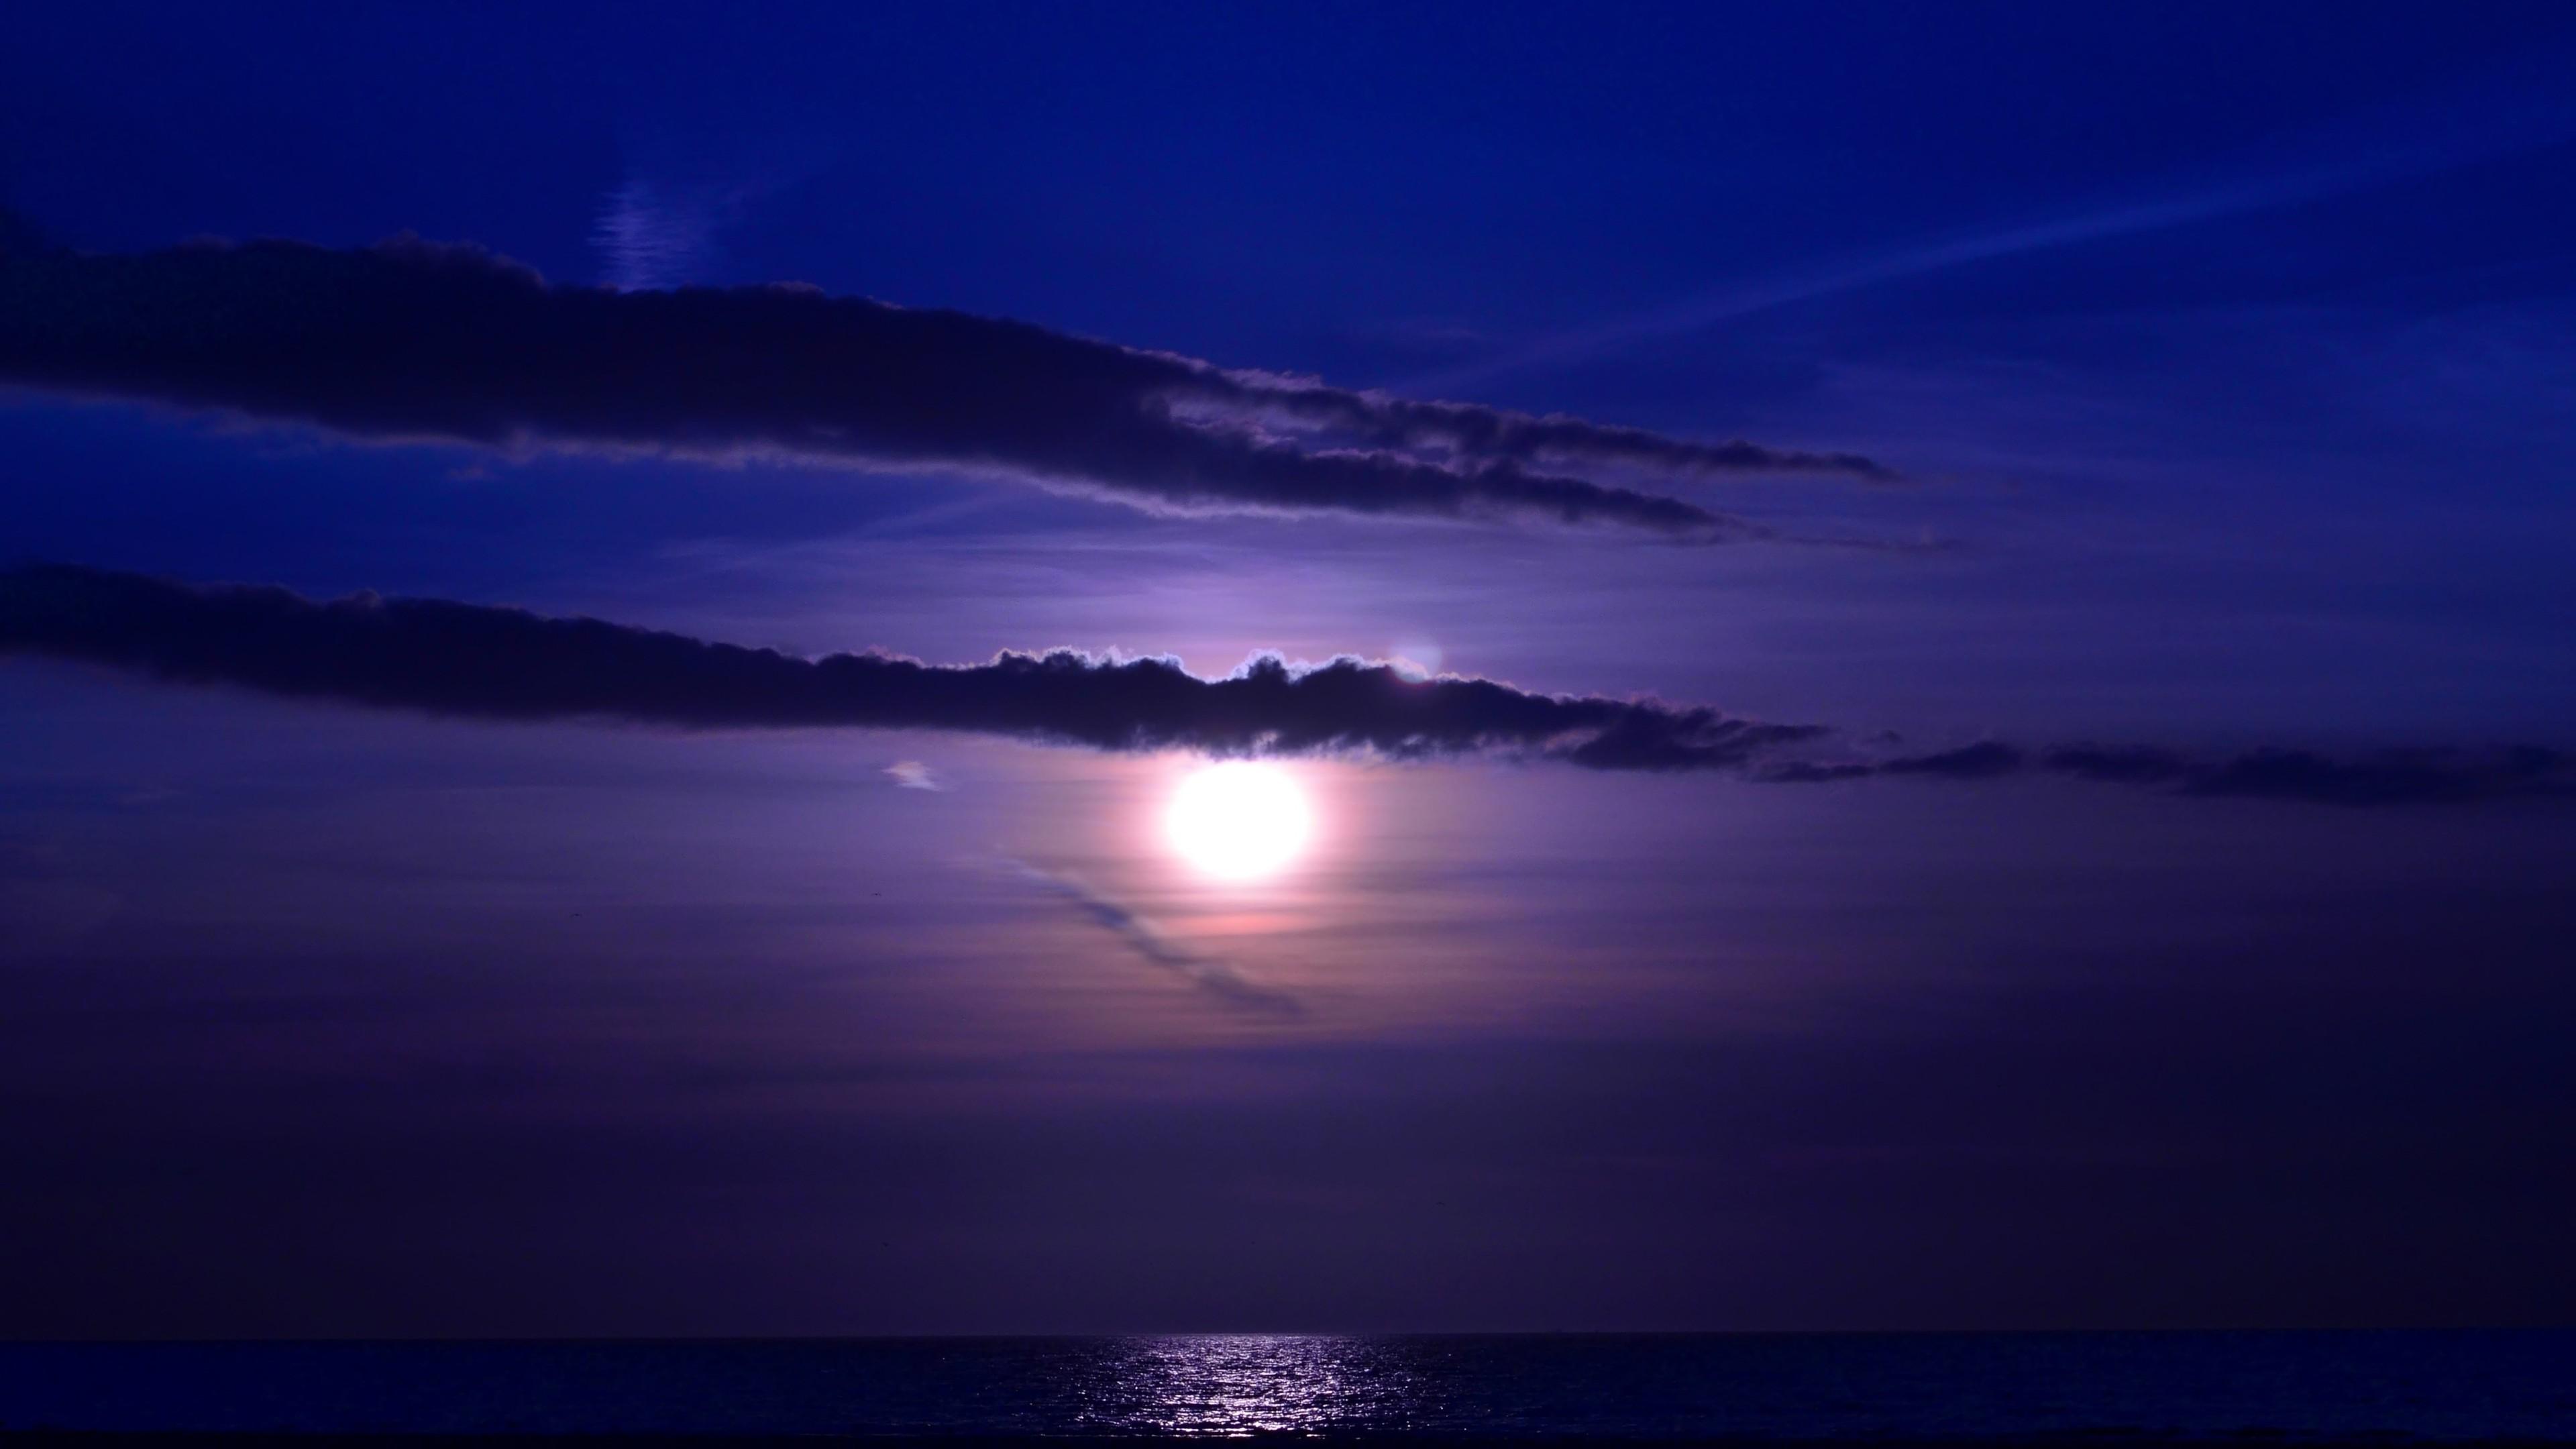 blue sea sky sunset evening 4k 1540135879 - Blue Sea Sky Sunset Evening 4k - sunset wallpapers, sky wallpapers, nature wallpapers, hd-wallpapers, evening wallpapers, 5k wallpapers, 4k-wallpapers